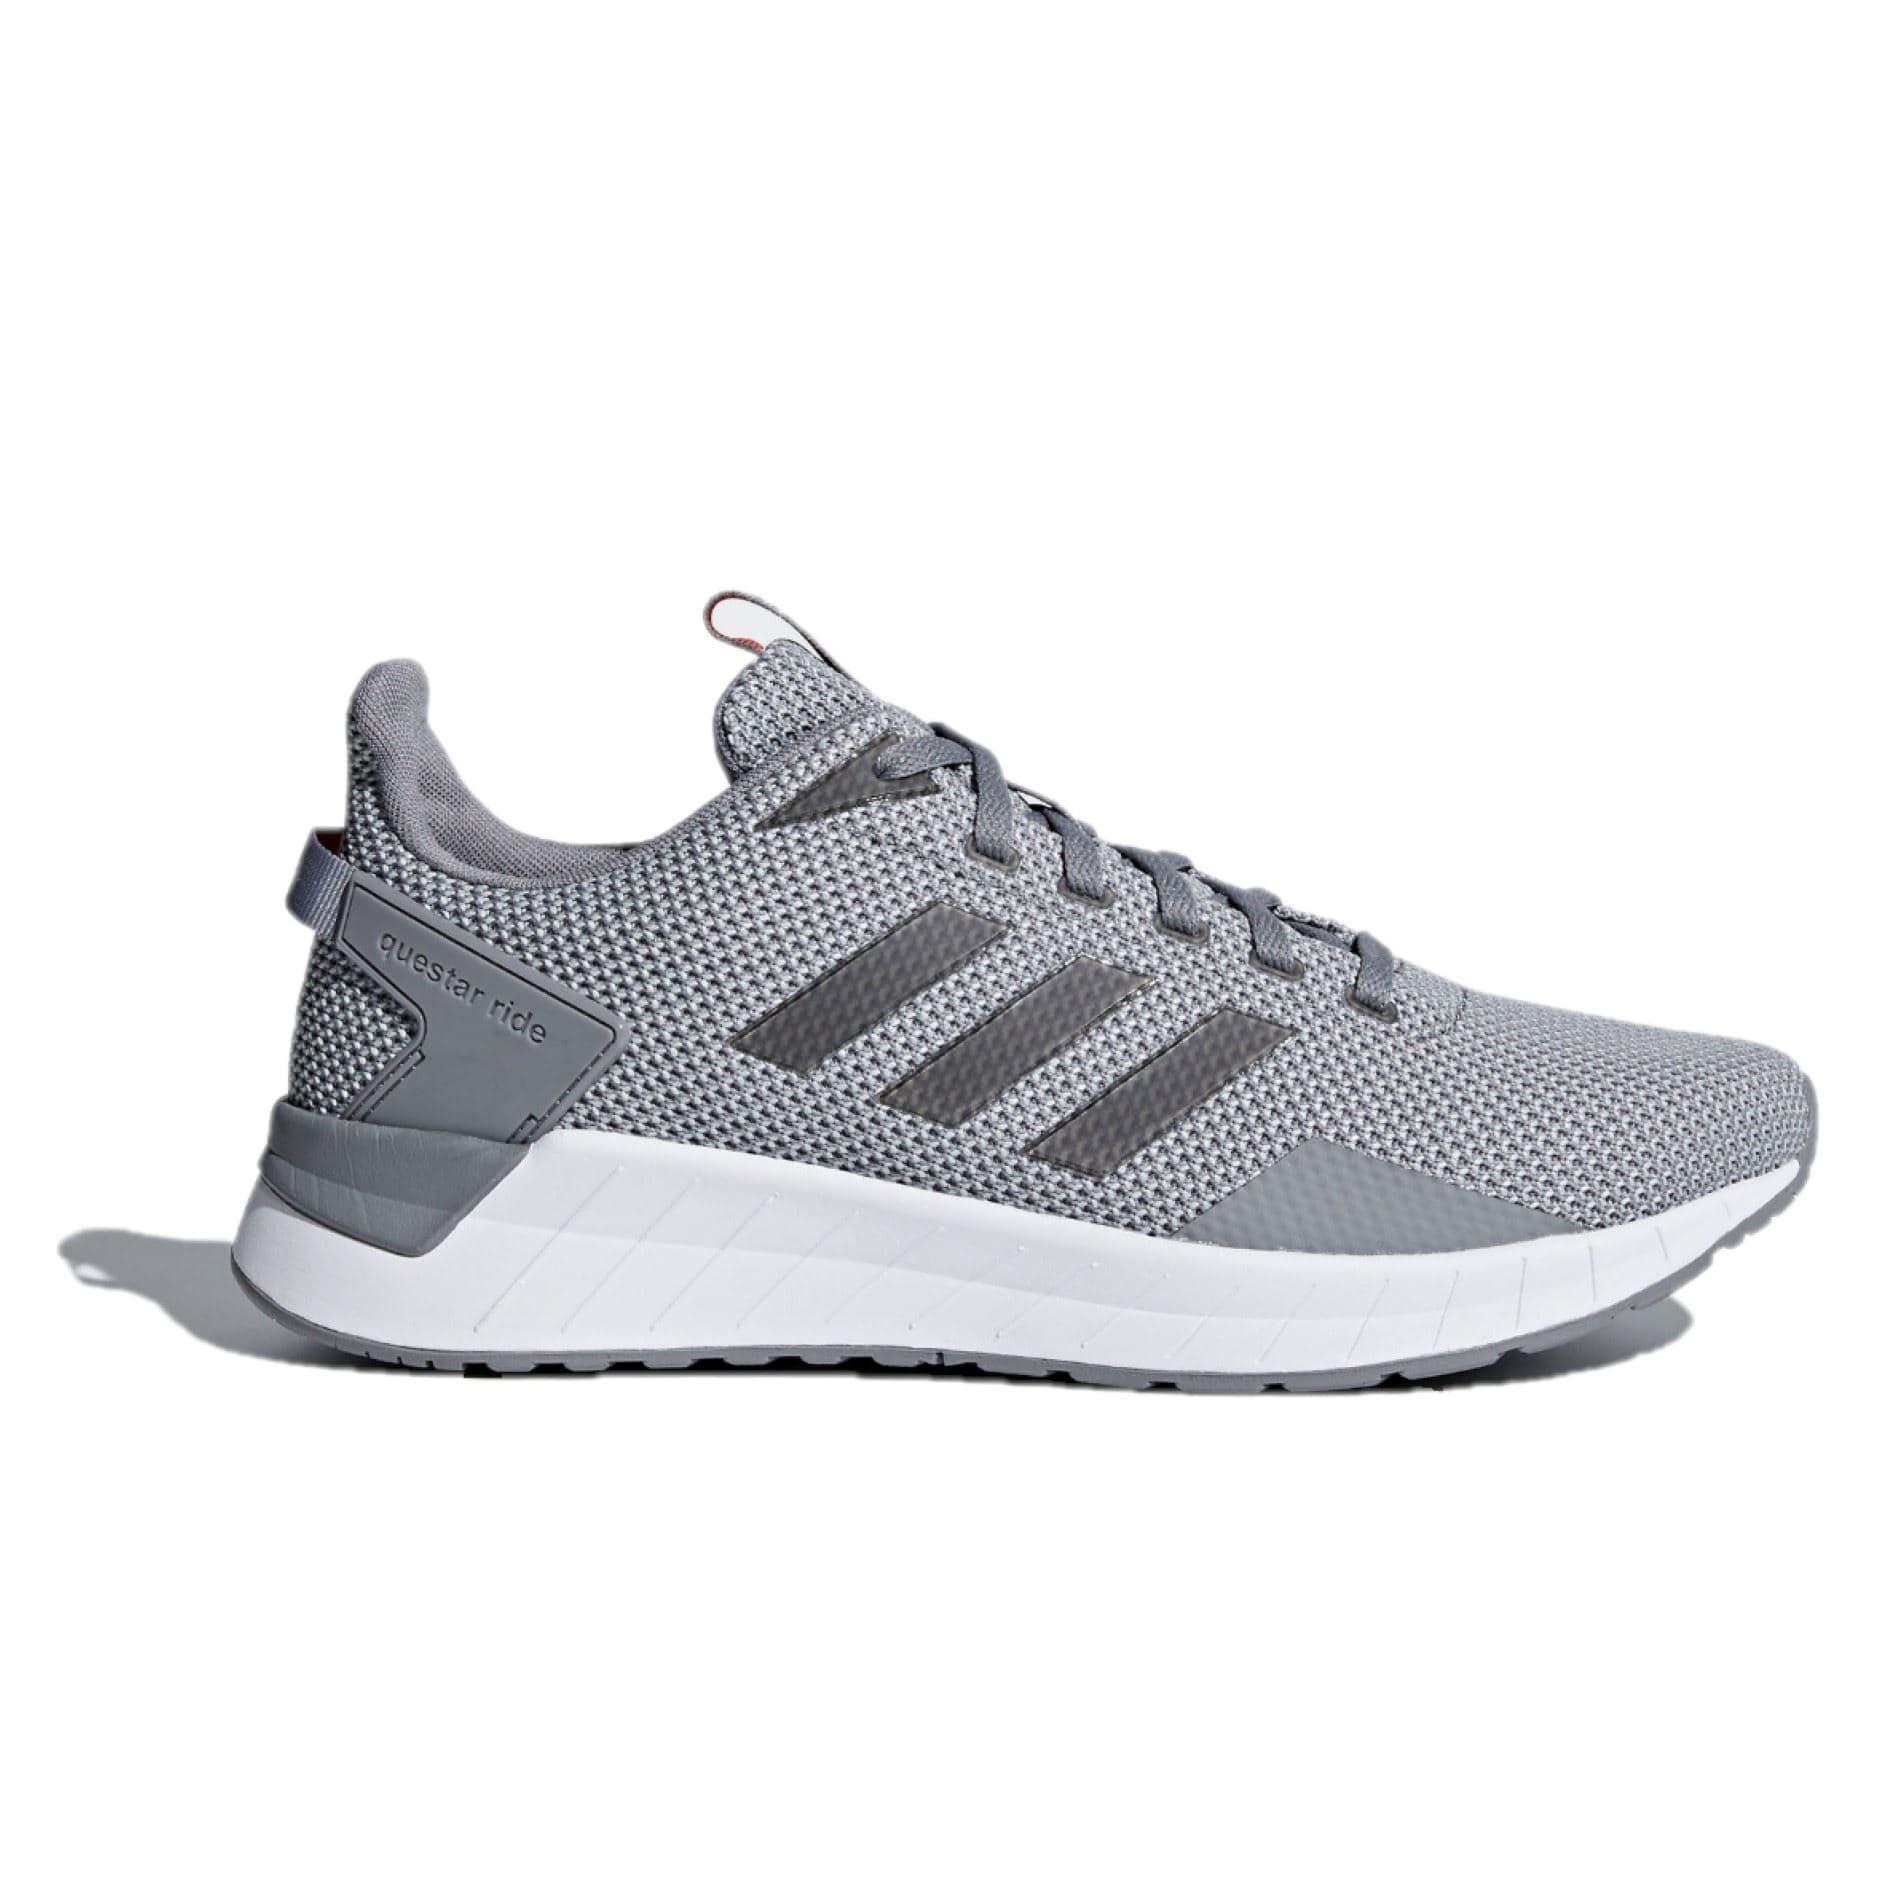 מדהים נעלי ריצה אדידס לגברים, Adidas Questar Ride - משלוח והחזרה חינם CC-09